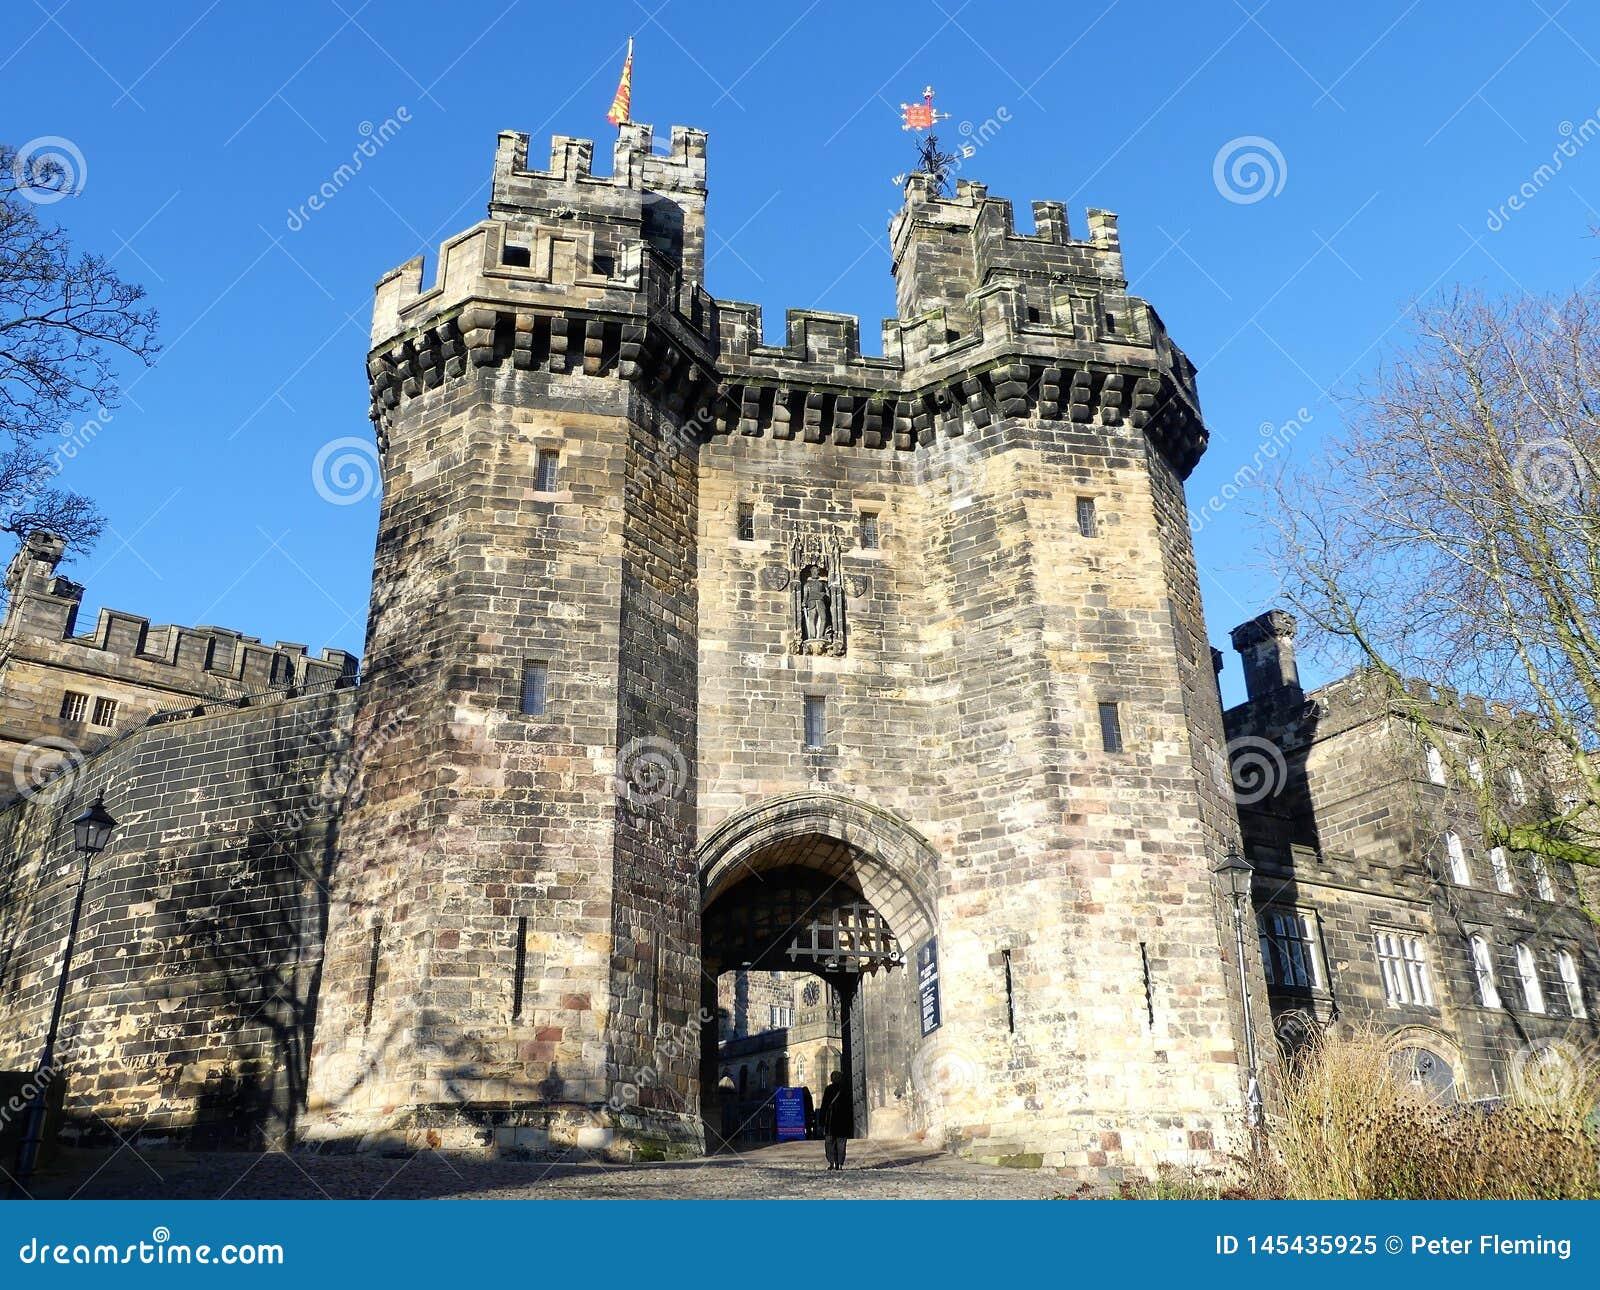 Castelo de Lancaster, um castelo medieval em Lancaster no condado inglês de Lancashire